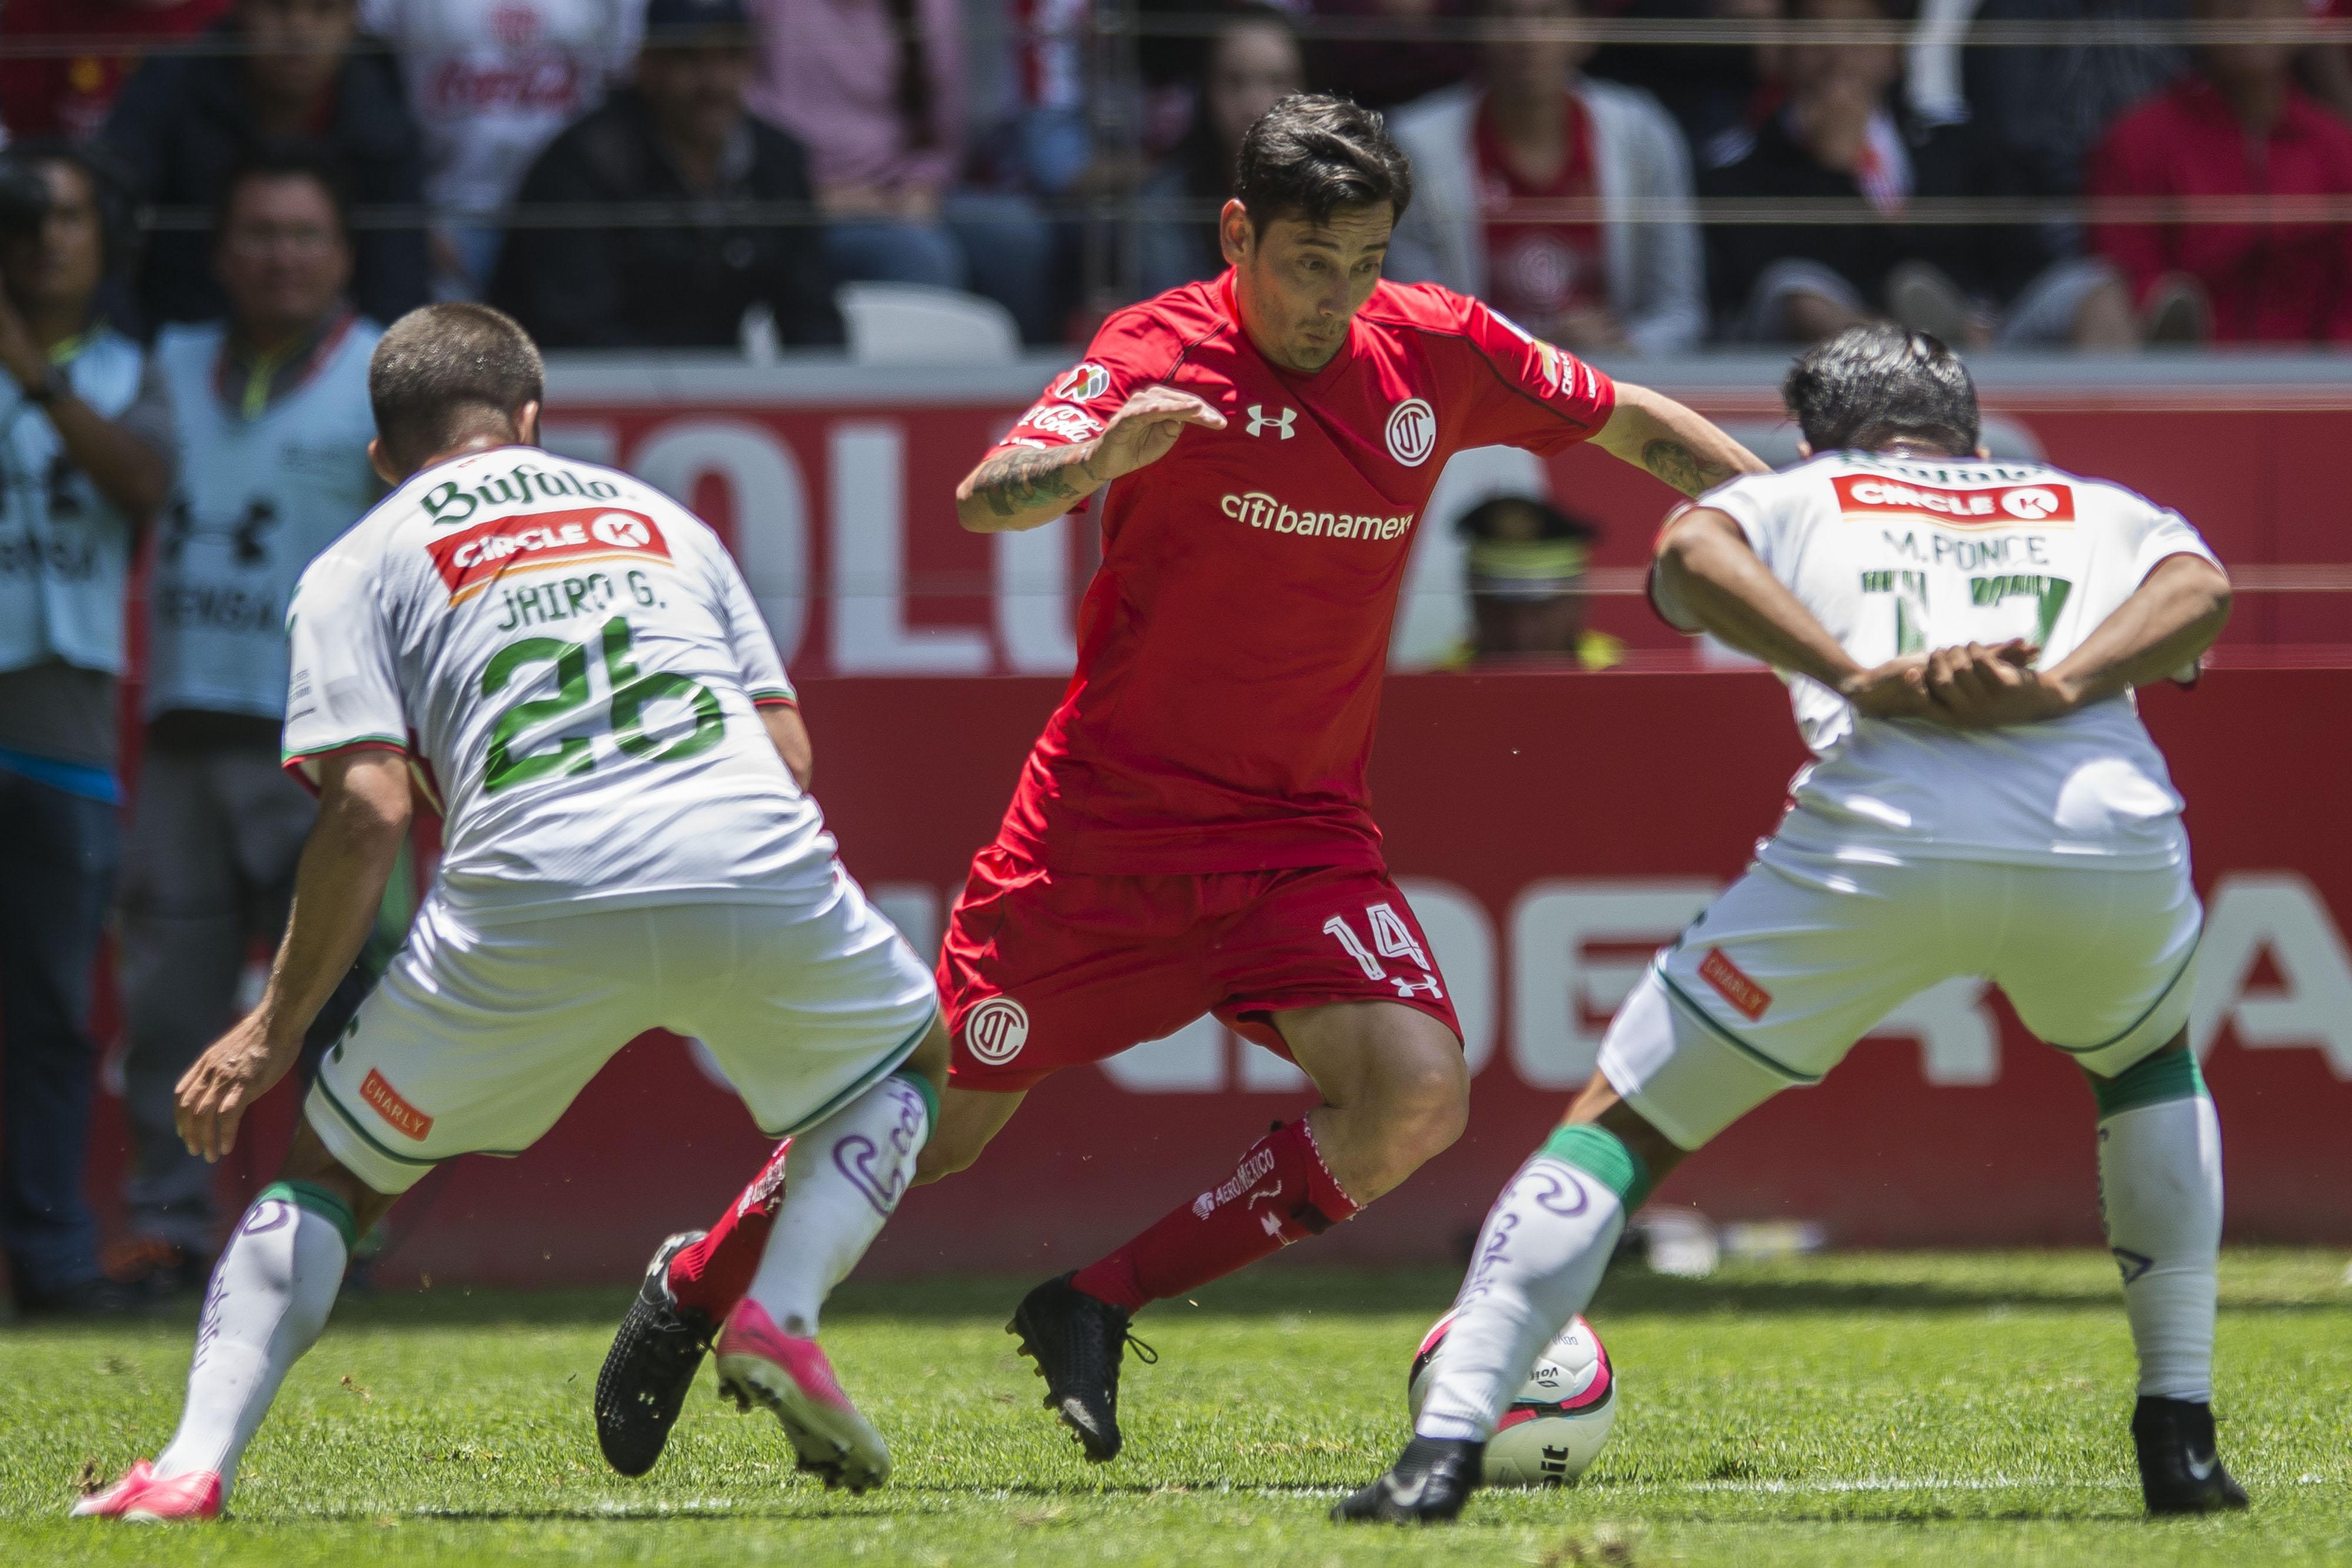 Toluca vs Necaxa, correspondiente a la Jornada 5 de la Liga MX del Torneo Apertura 2017, en Estadio Nemesio Diez. @Mexsport.net